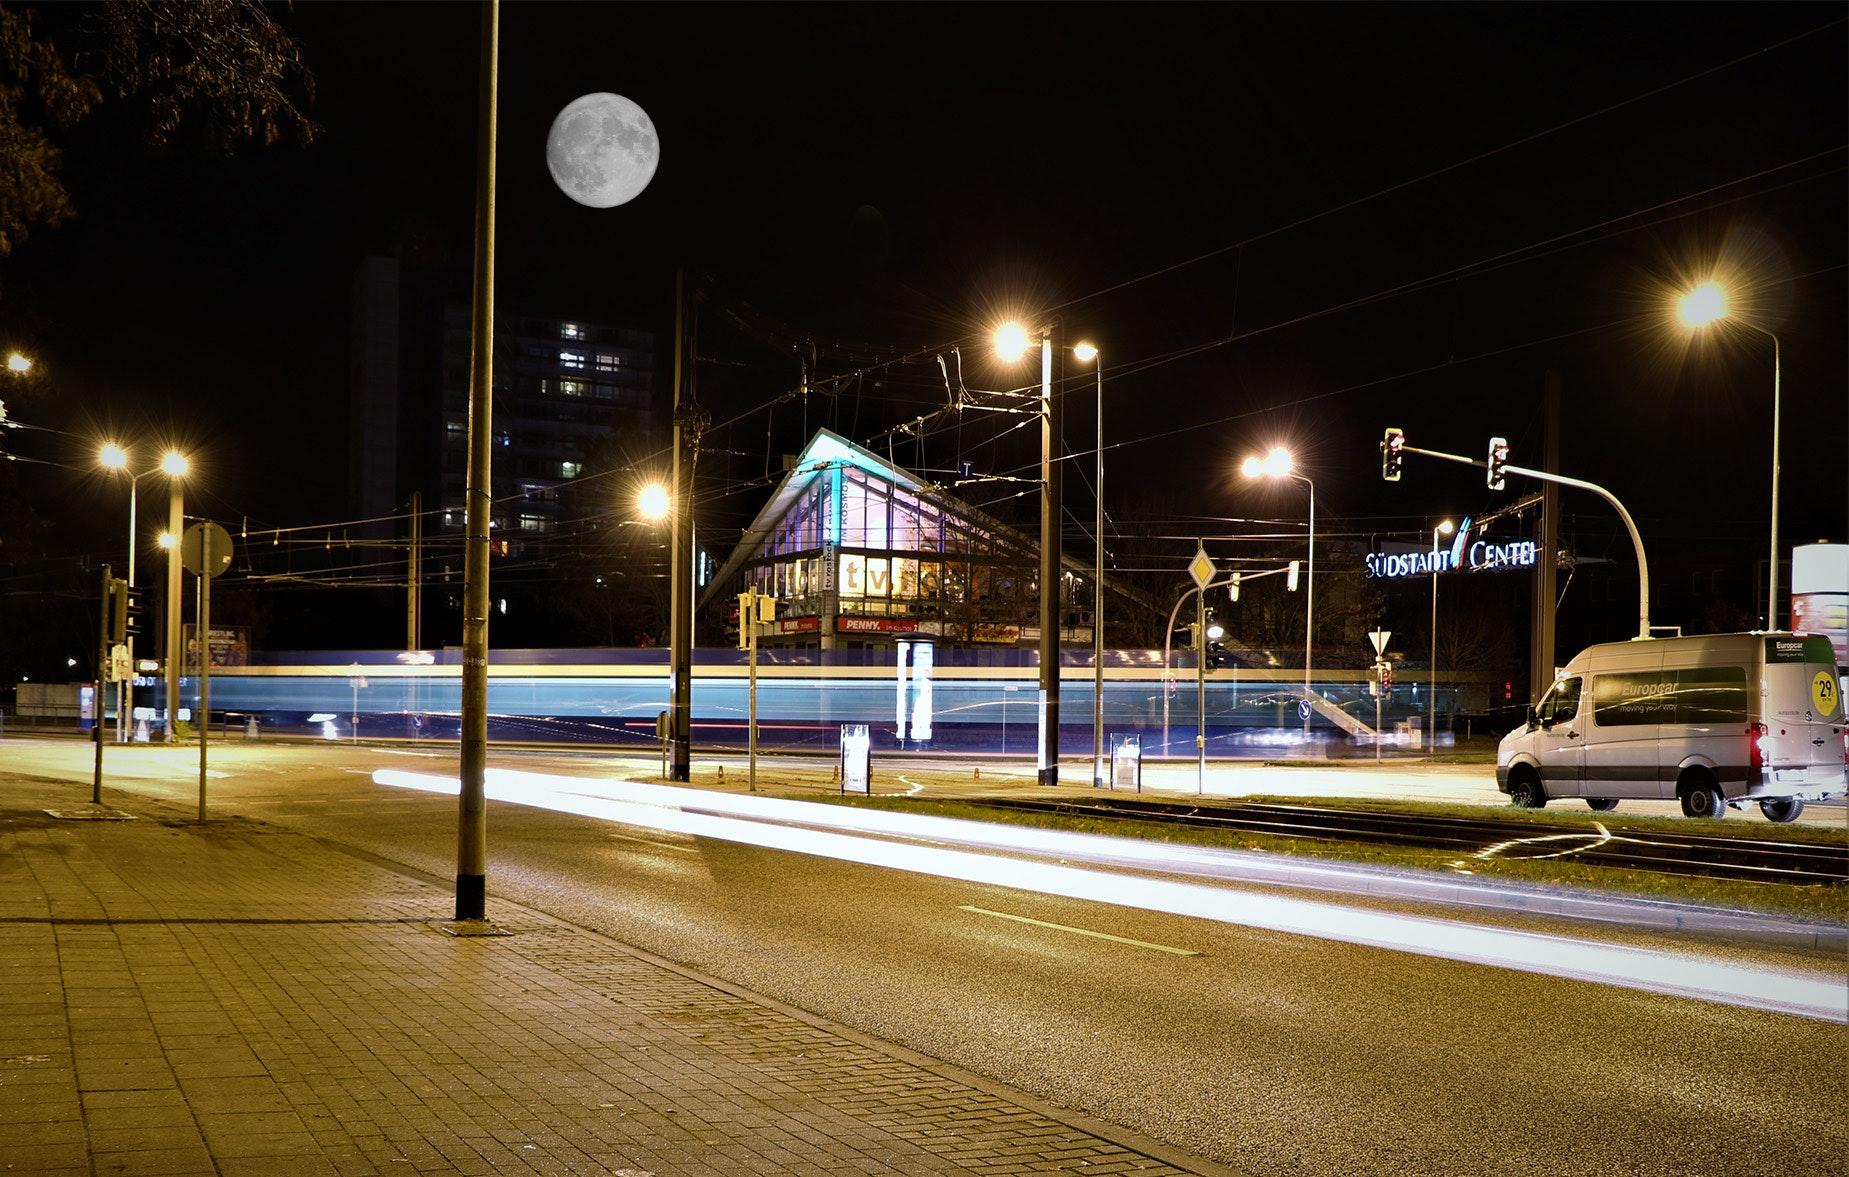 Illuminated street lights at night photo